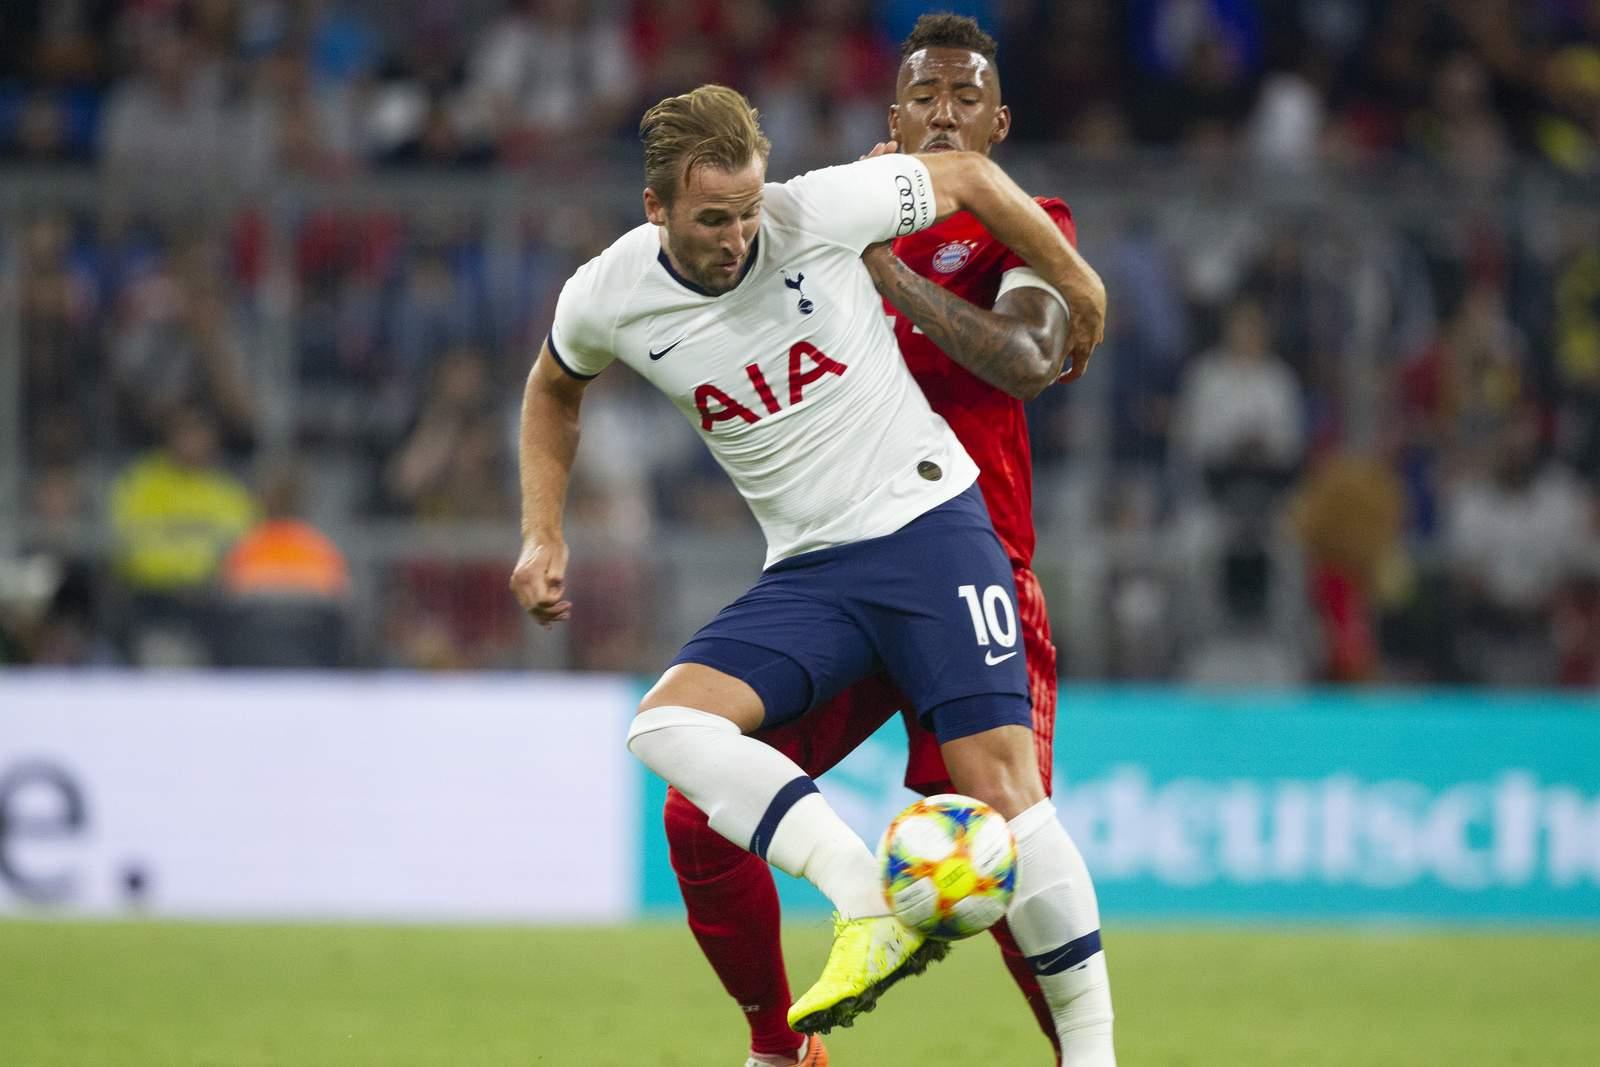 Setzt sich Kane wieder gegen Boateng durch? Unser Tipp: Bayern gewinnt gegen Tottenham